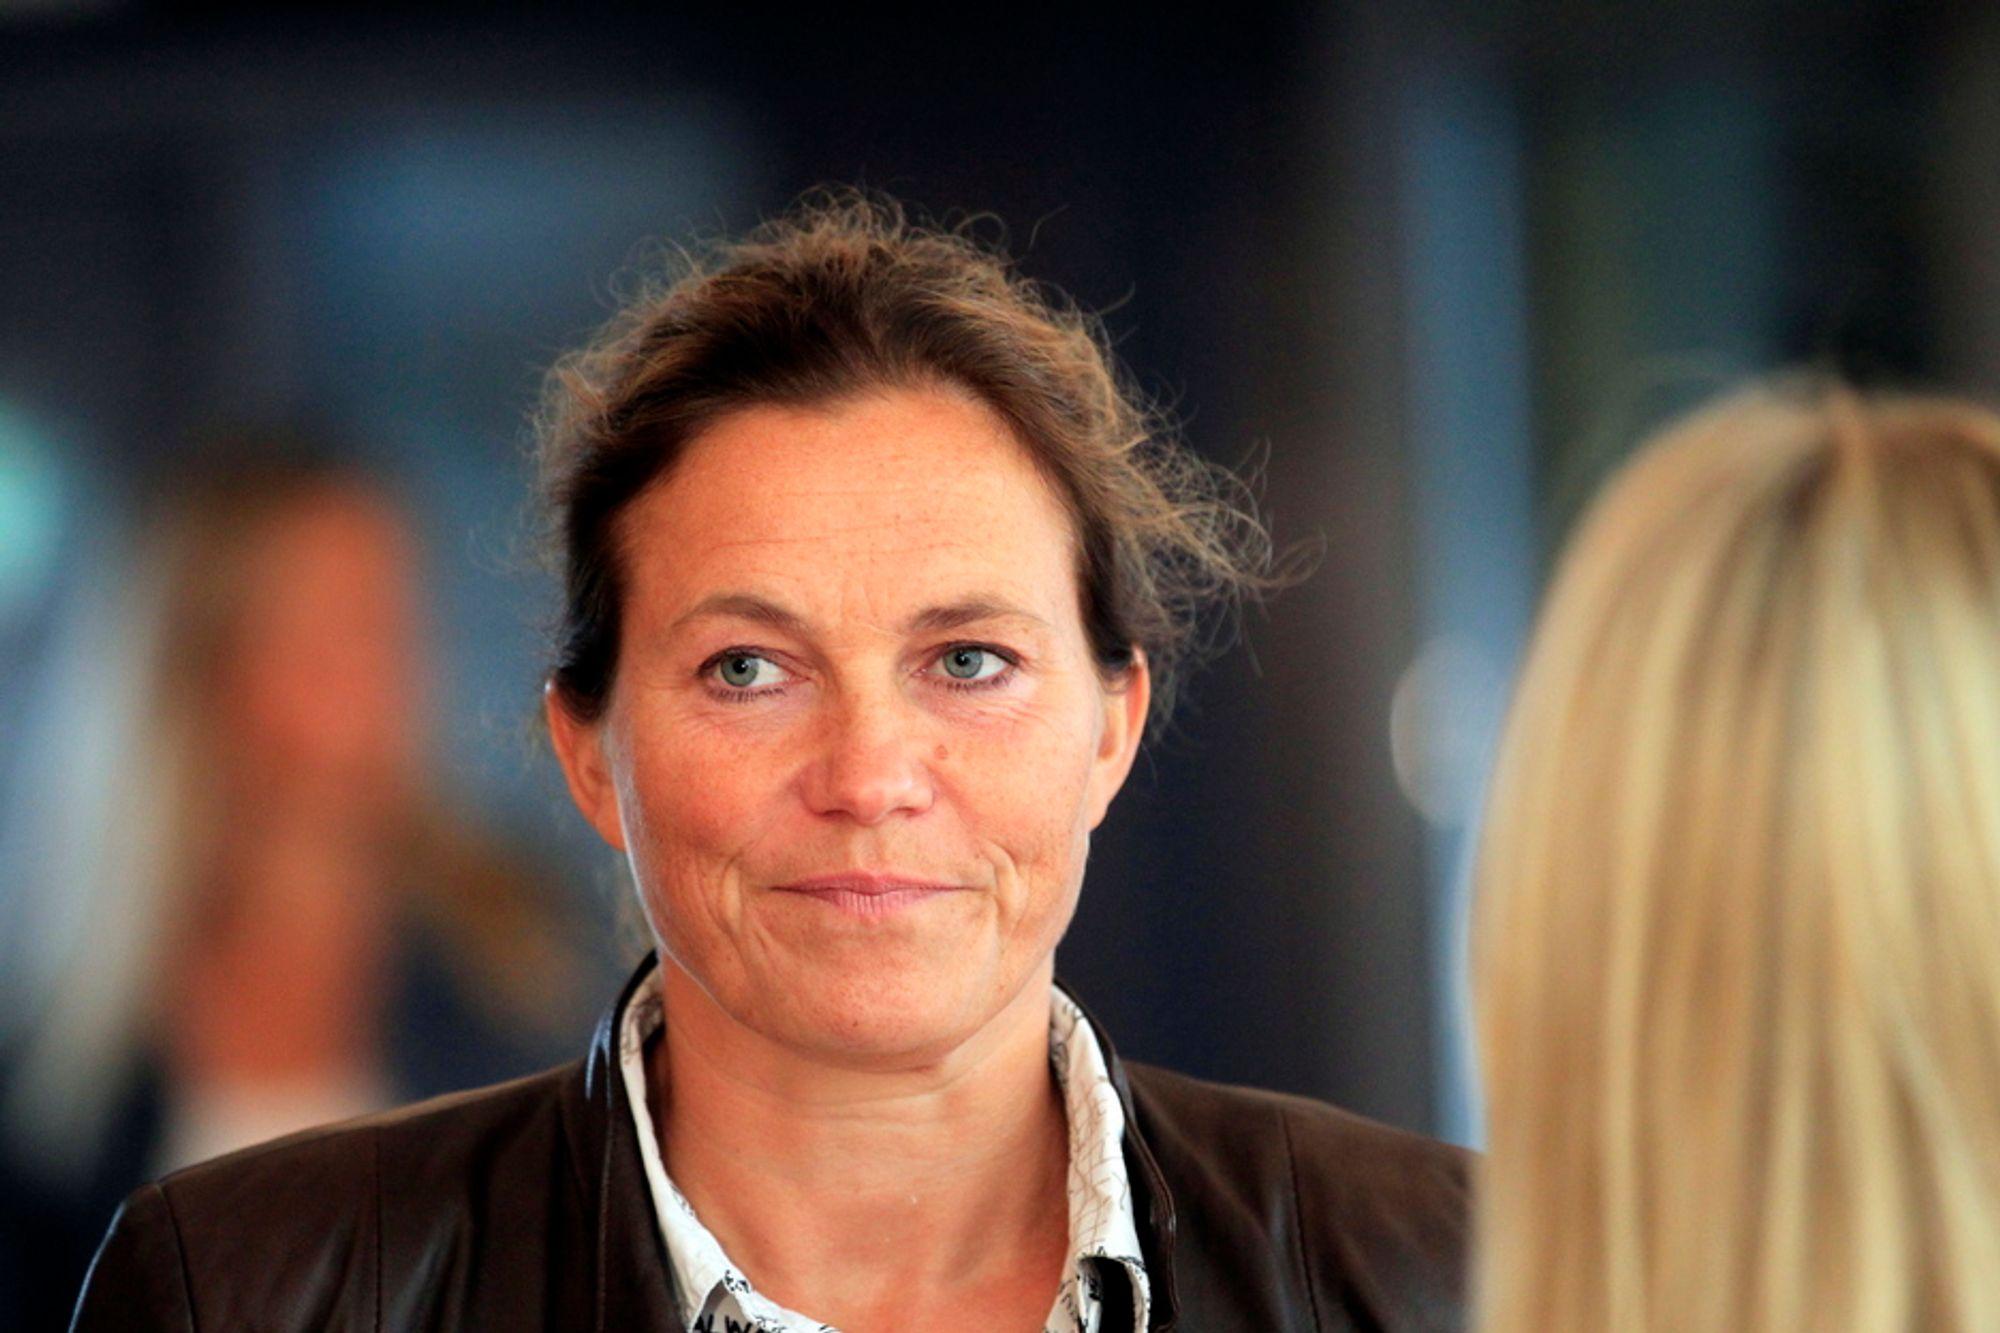 KLAR: Leder av 22. juli-kommisjonen, Alexandra Bech Gjørv, innledet møtet da kommisjonen hadde sitt første møte på Gardermoen torsdag. Kommisjonen skal granske alle sider ved terroraksjonen i Oslo og på Utøya som ble begått av Anders Behring Breivik.